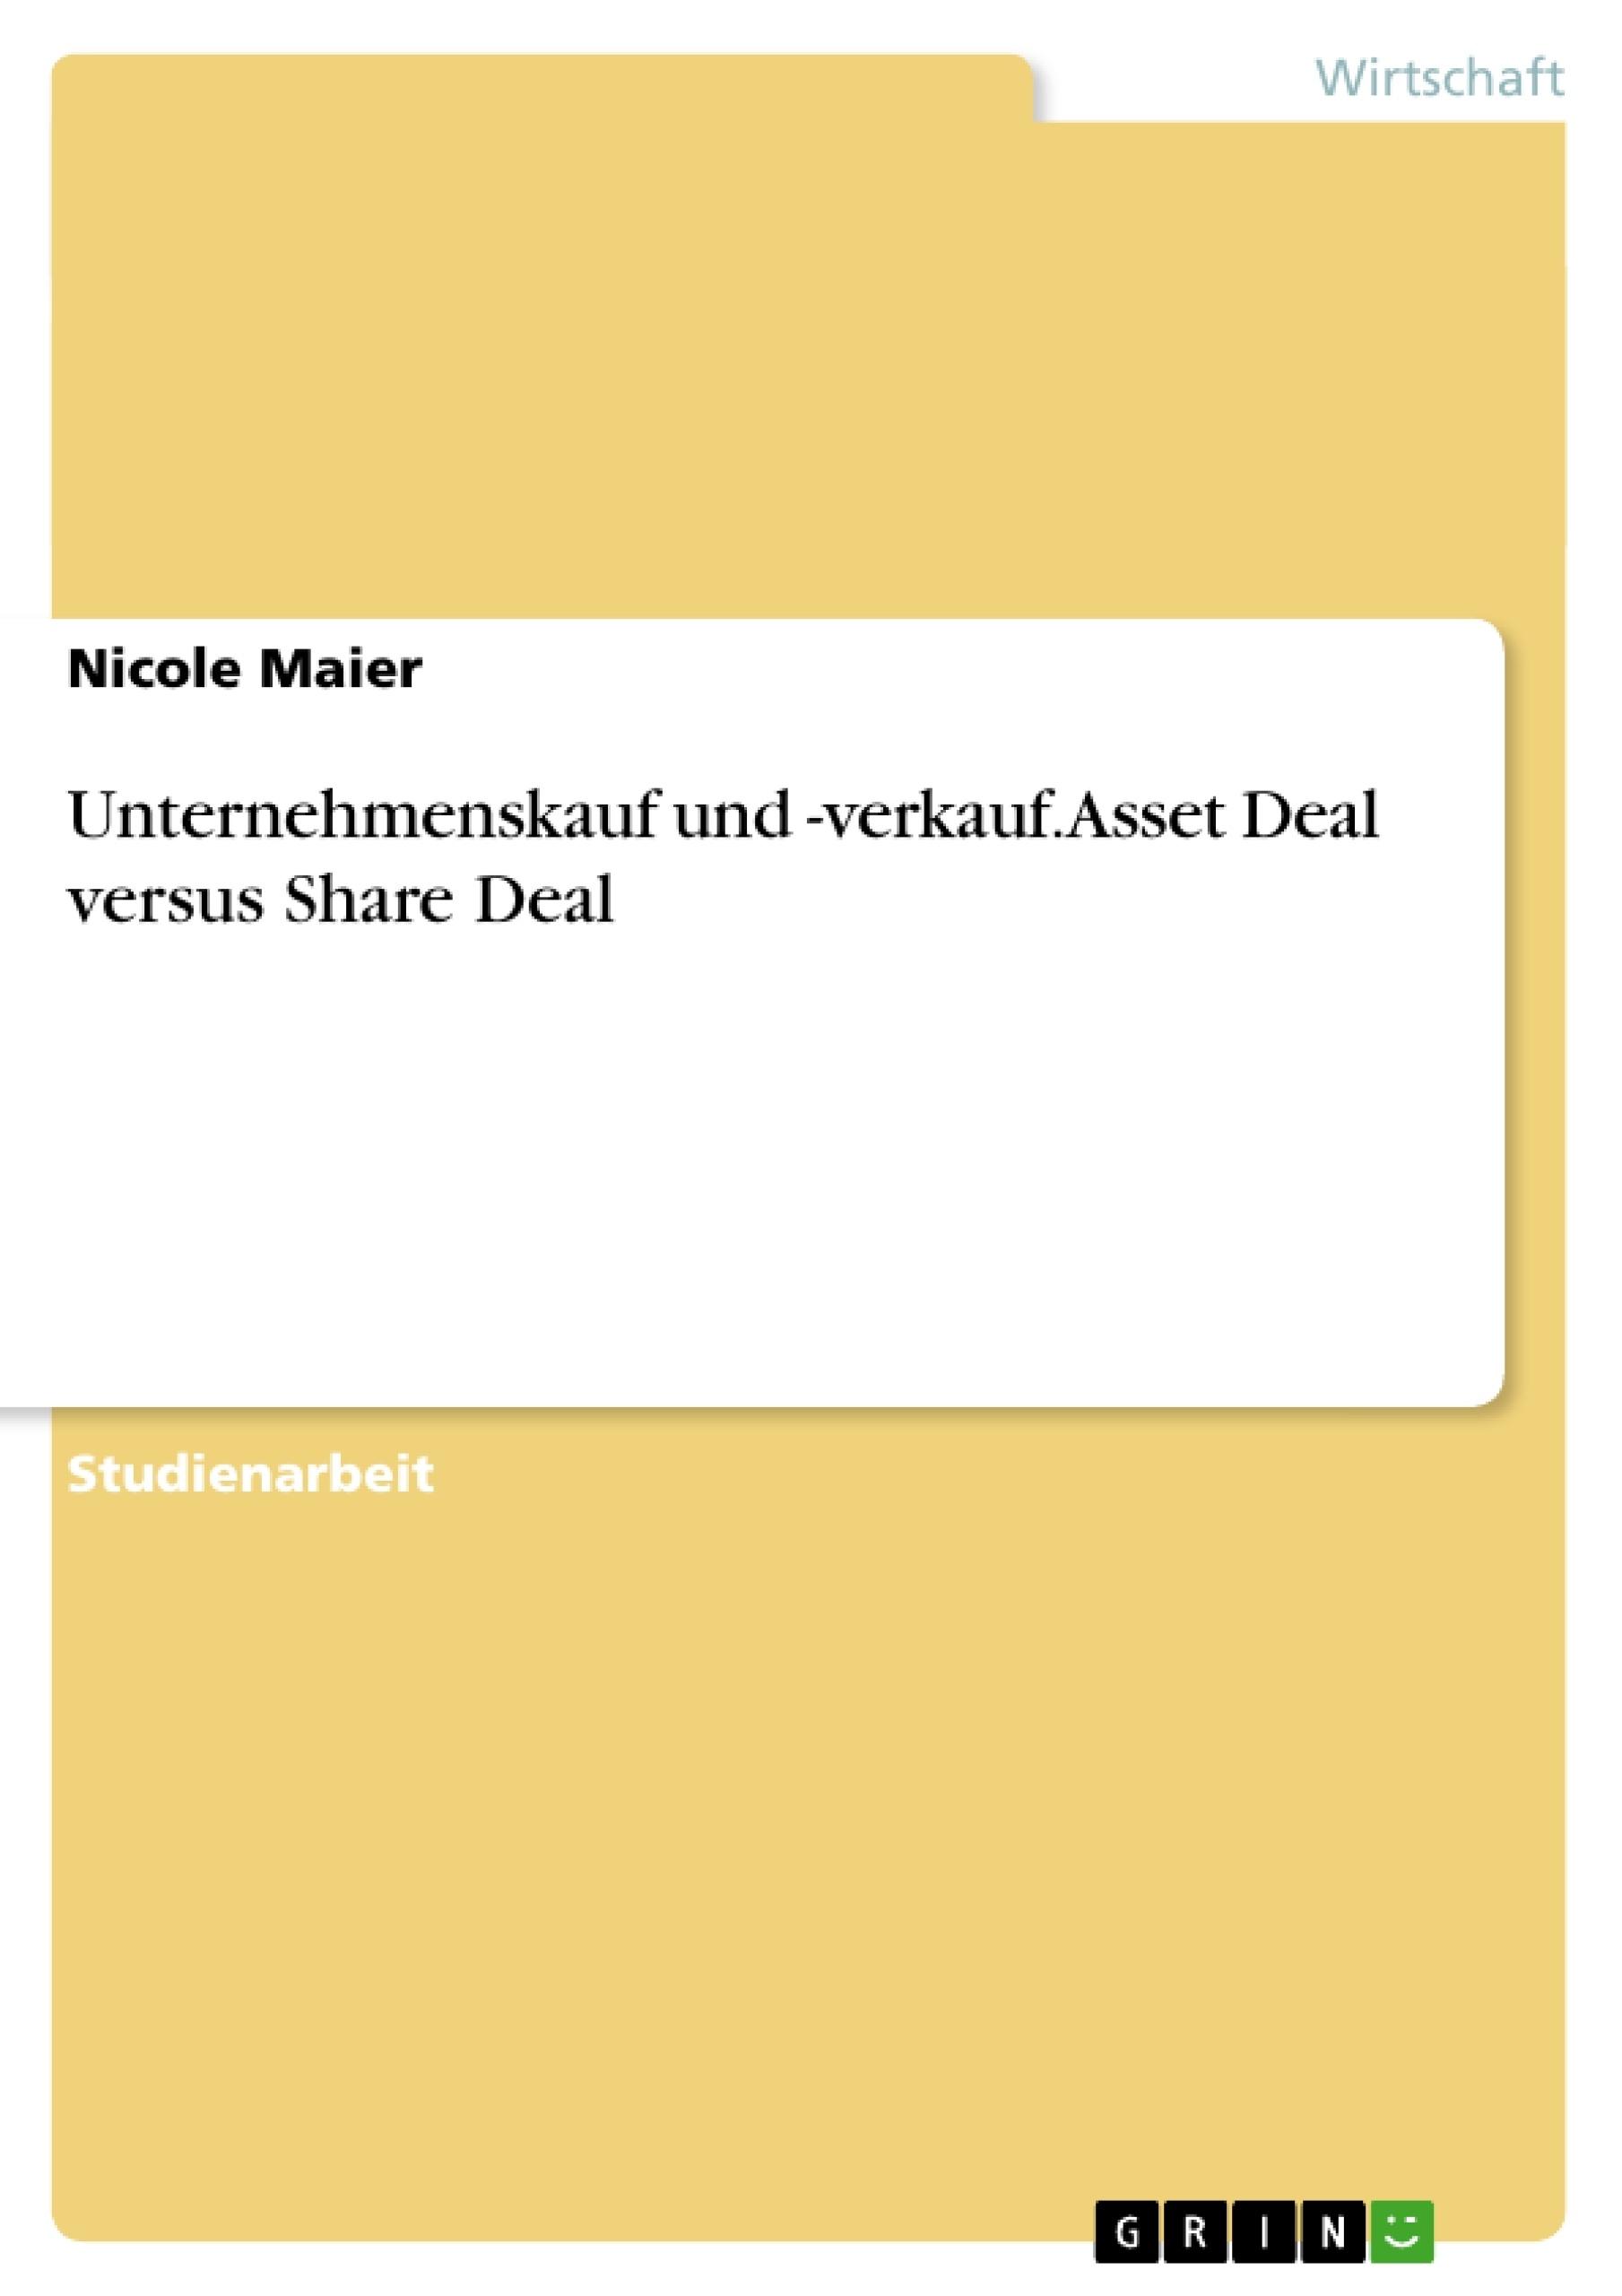 Titel: Unternehmenskauf und -verkauf. Asset Deal versus Share Deal